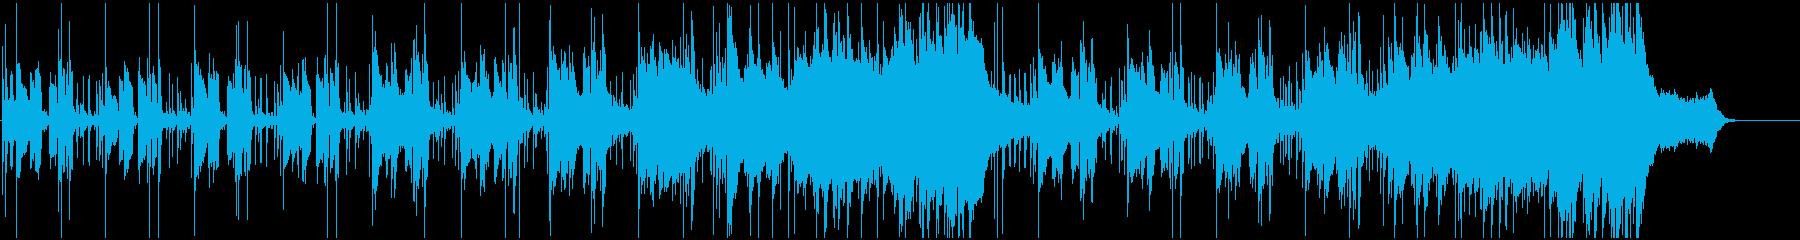 リフレッシュイメージのライトフュージョンの再生済みの波形